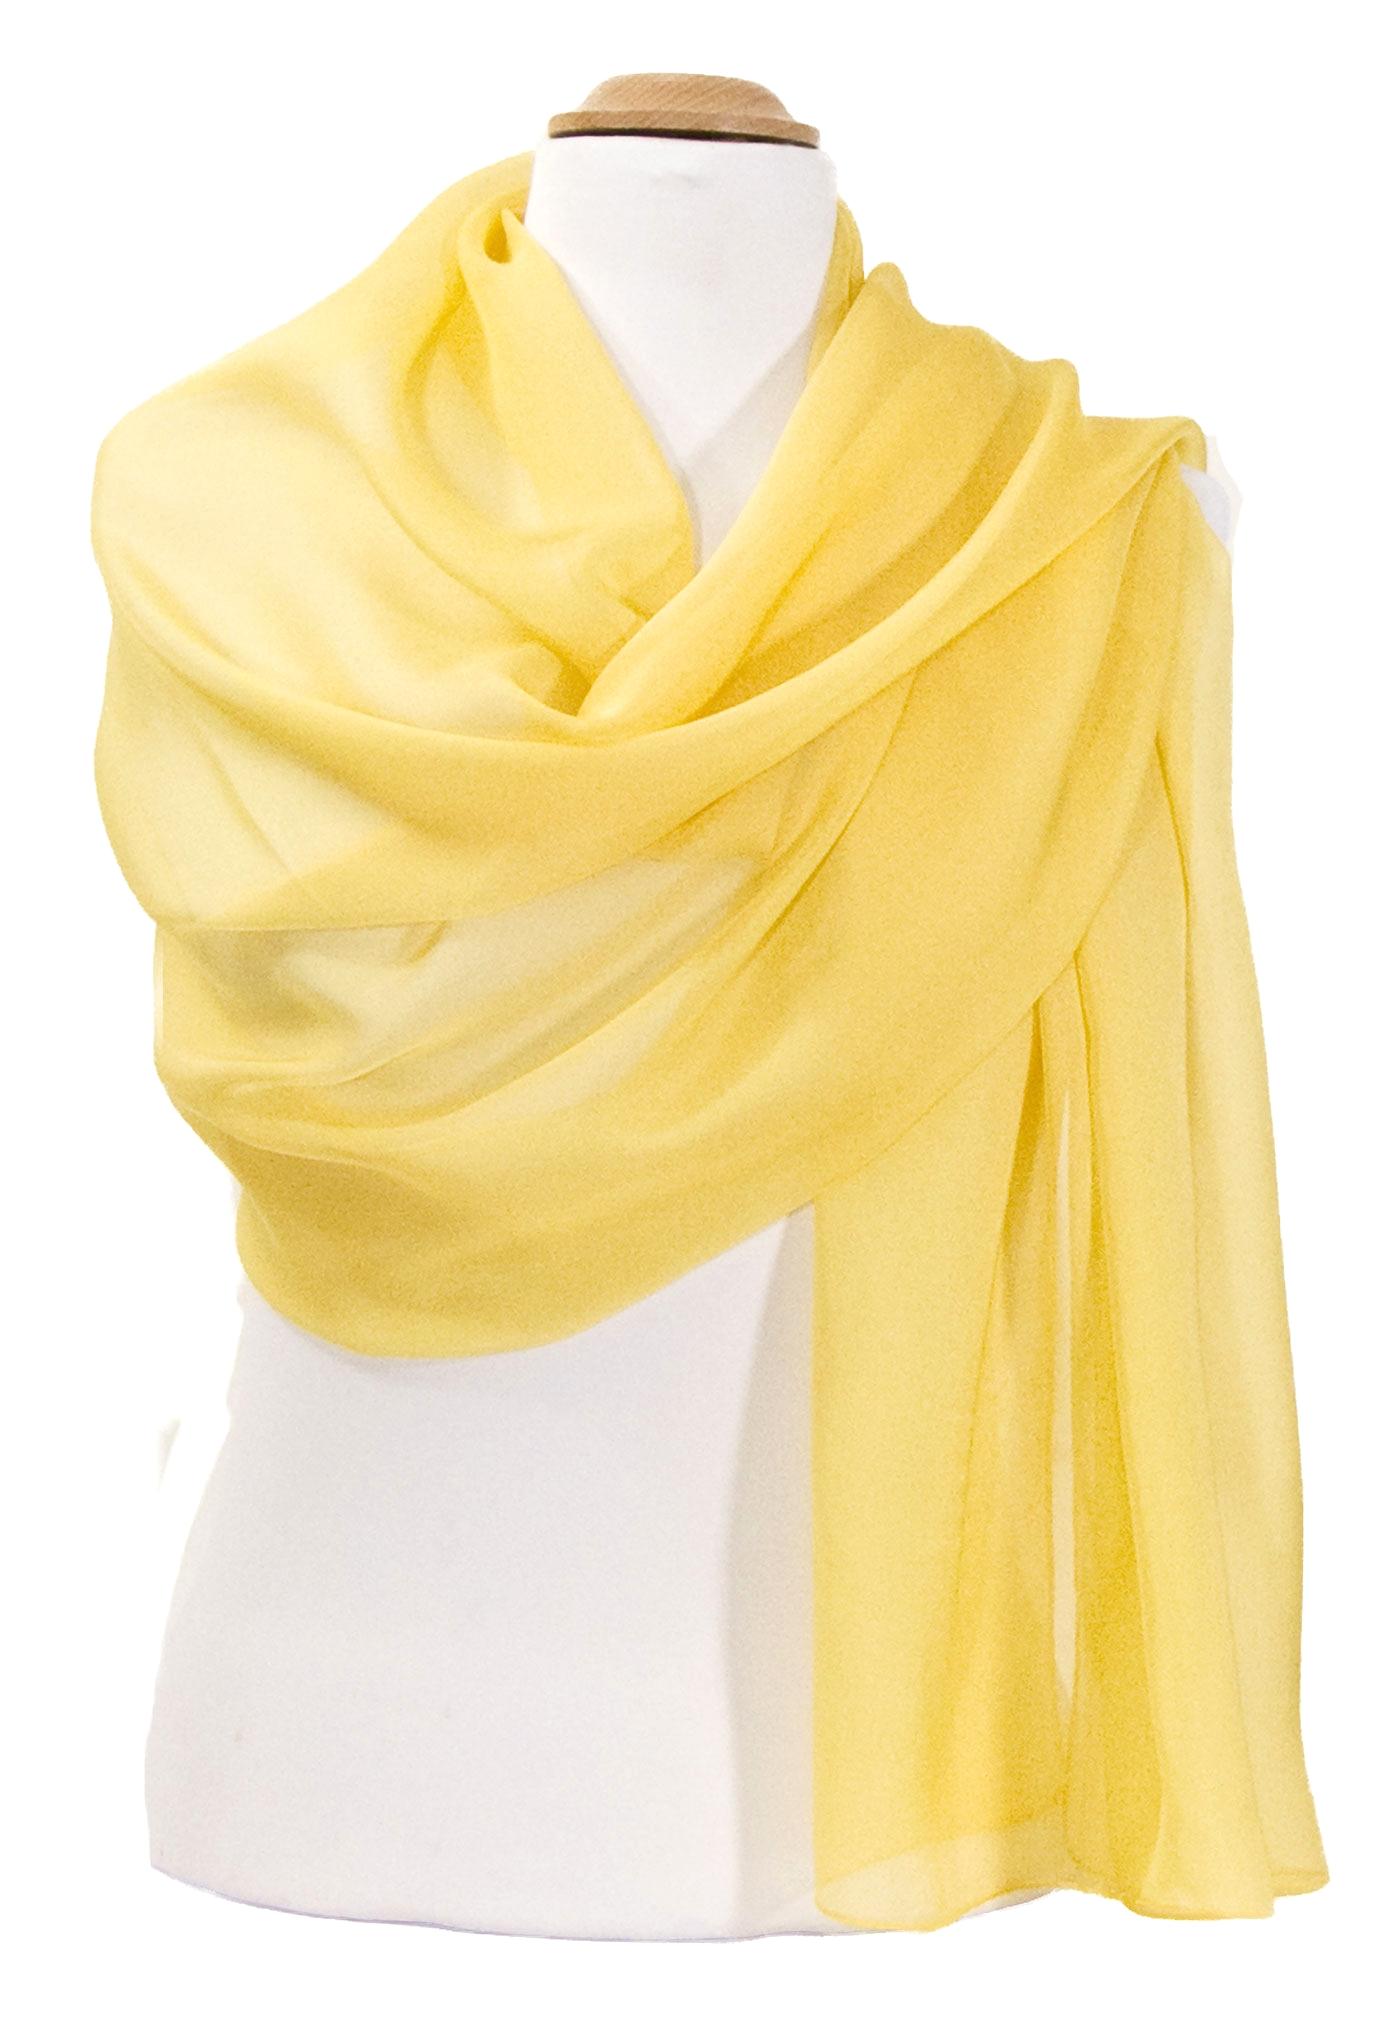 09b7941a5f6d Etole jaune mousseline de soie premium - Etole Etole soie - Mes Echarpes